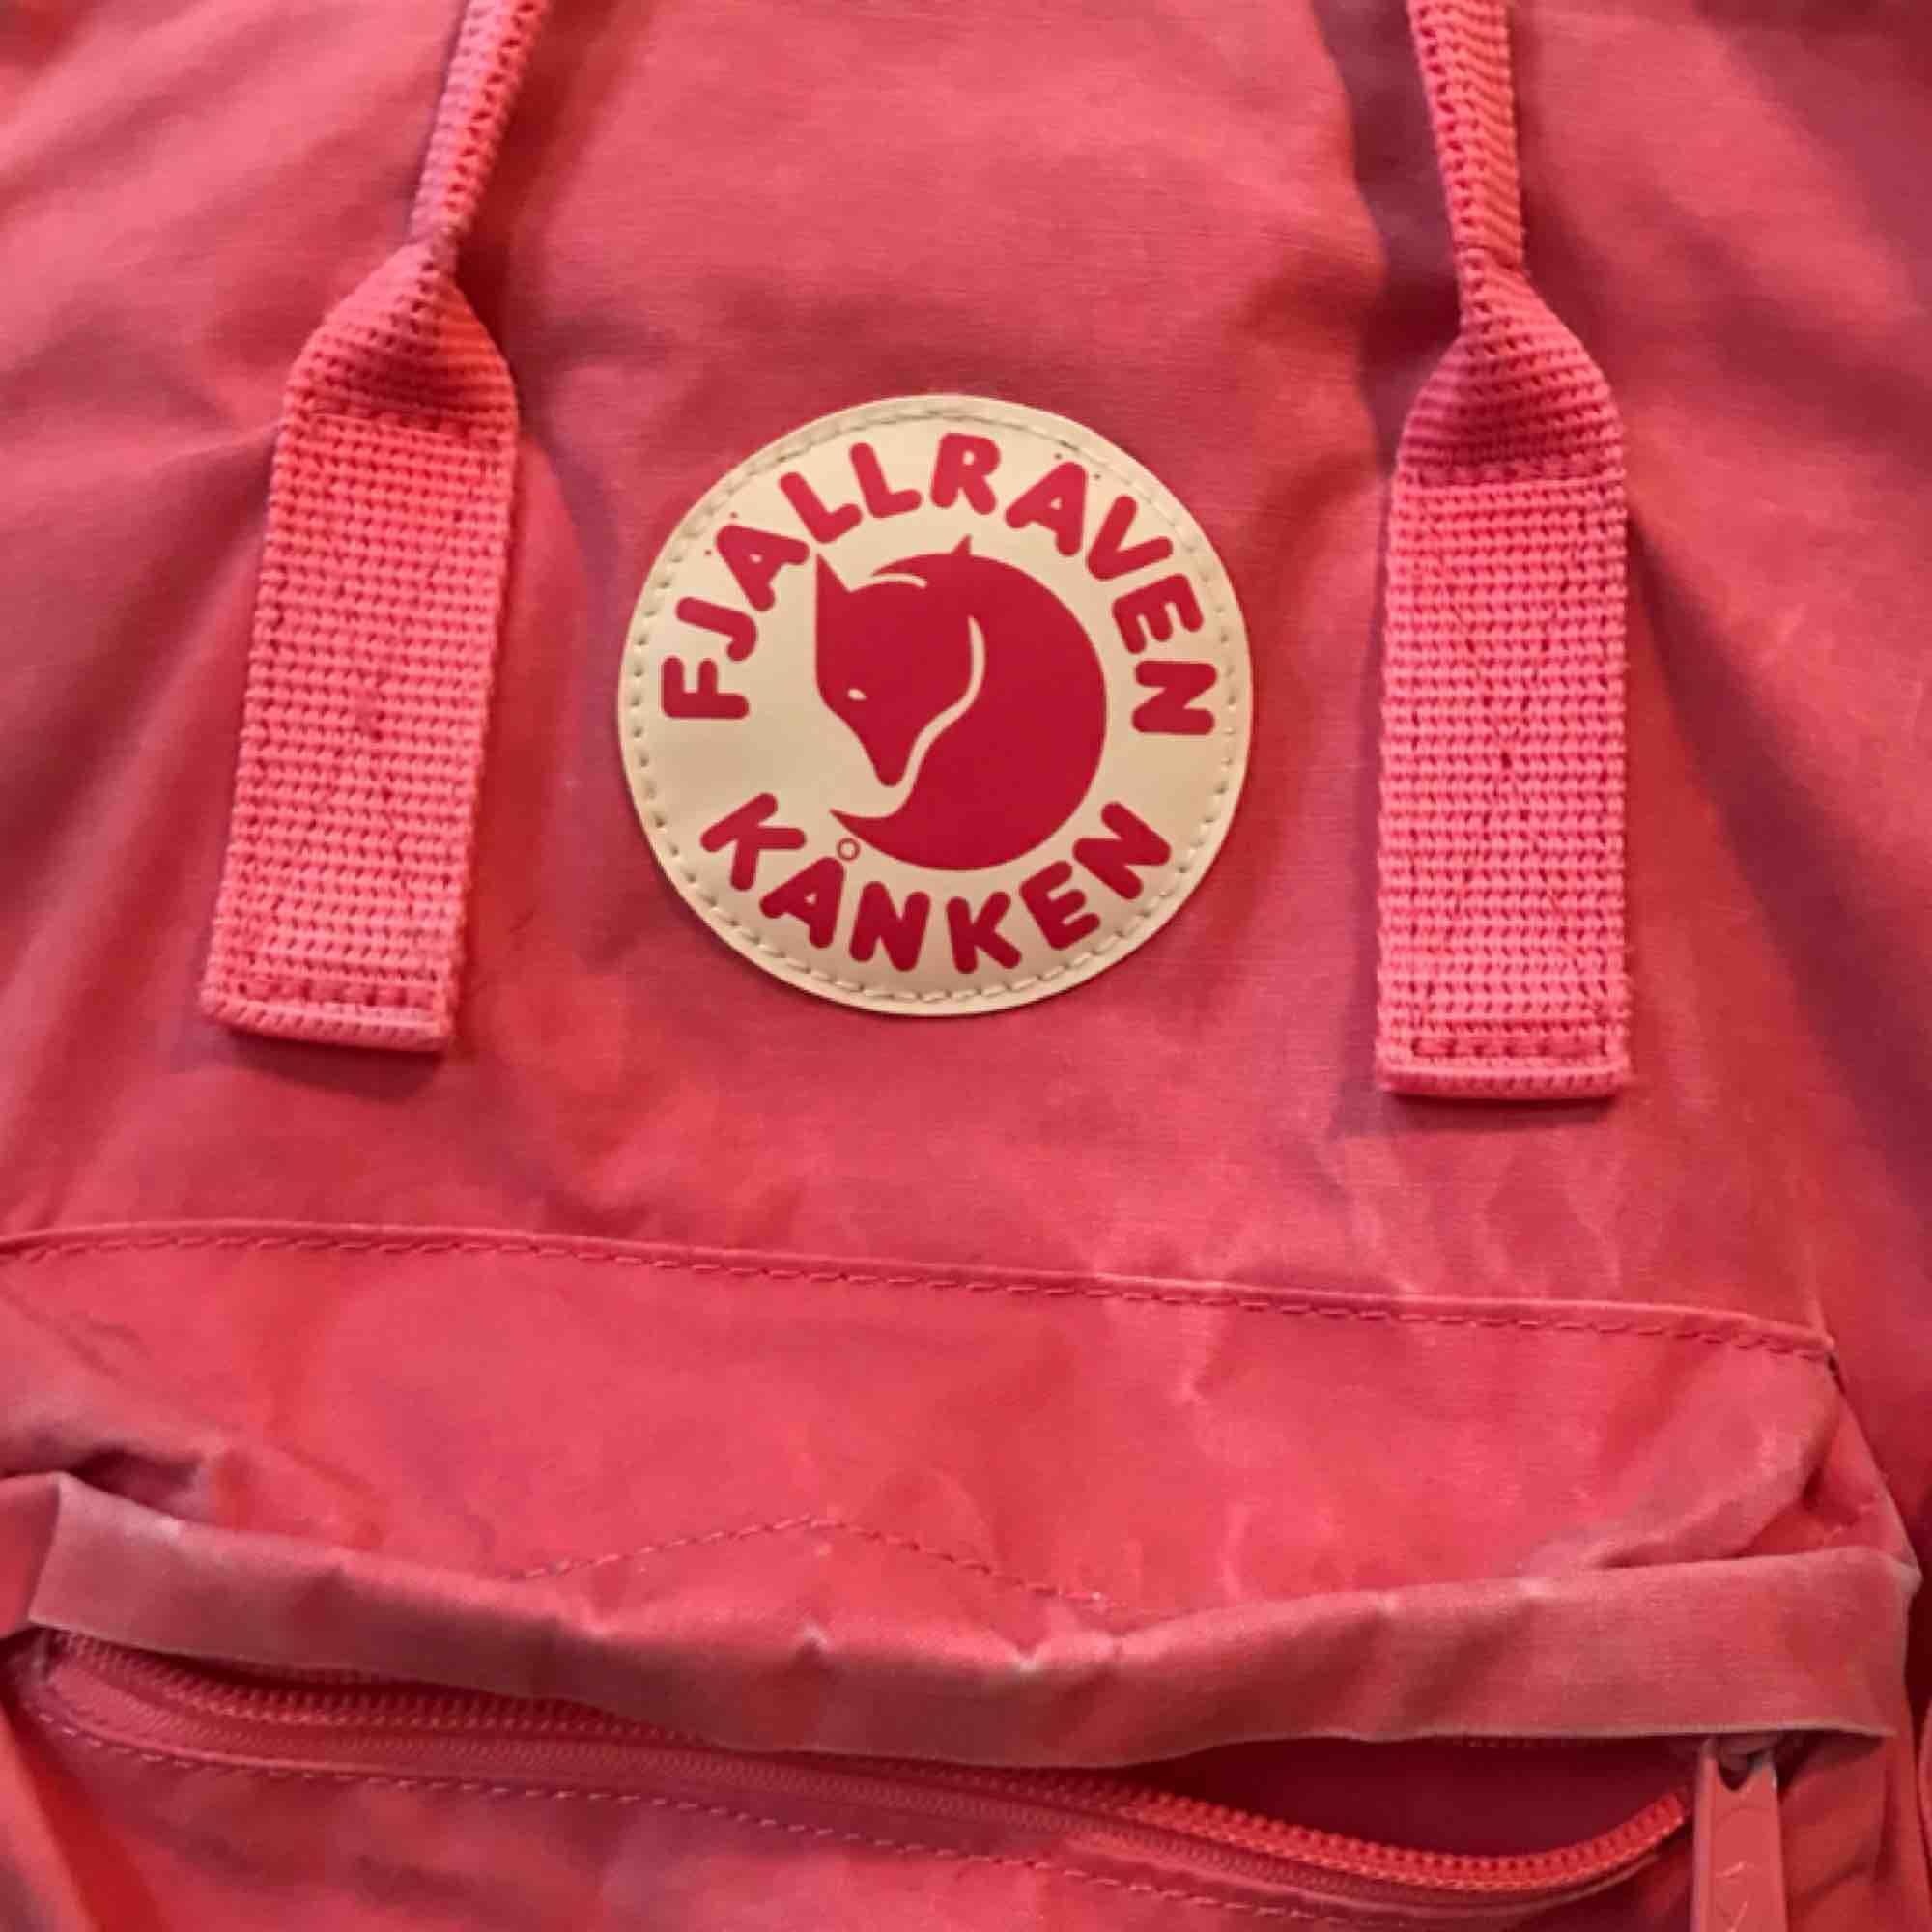 Normal storleken av kånken fjällräven, väl använd men fortfarande i gott skick. Köpt för 899 kr. Är smutsrosa, ser ut att vara mer intense rosa på bilderna. . Väskor.